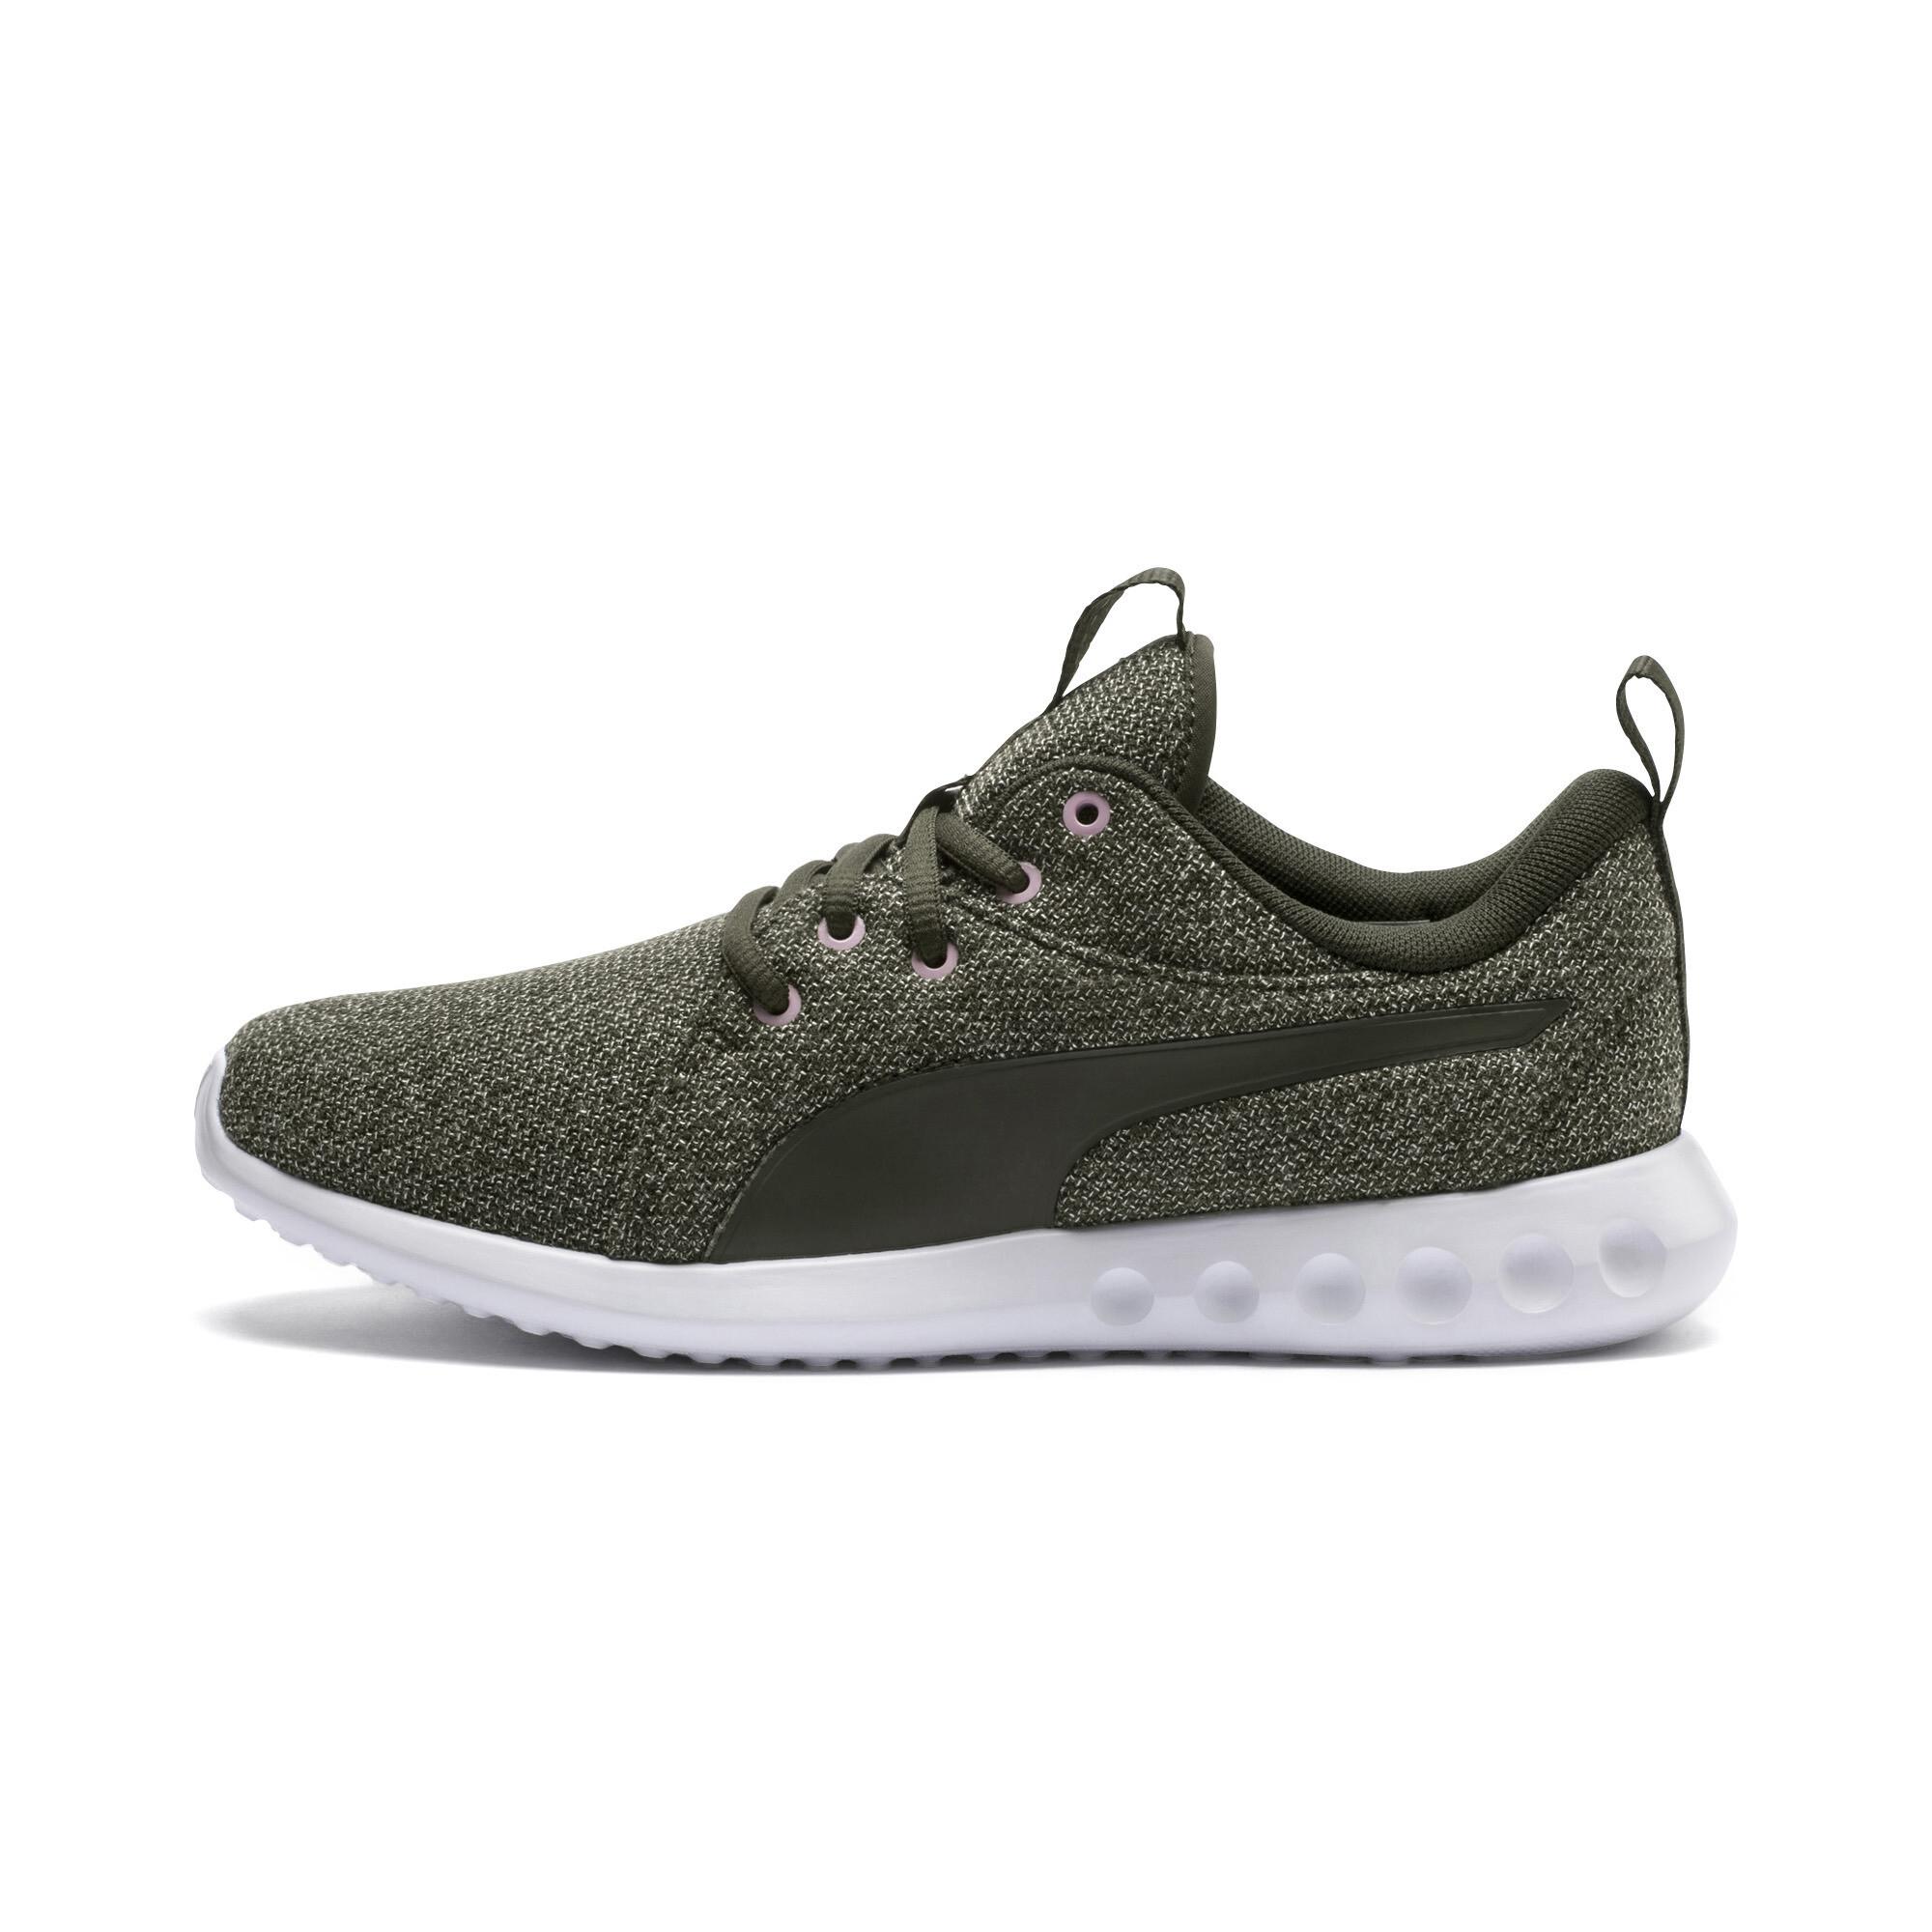 PUMA-Carson-2-Knit-Women-039-s-Running-Shoes-Women-Shoe-Running thumbnail 10